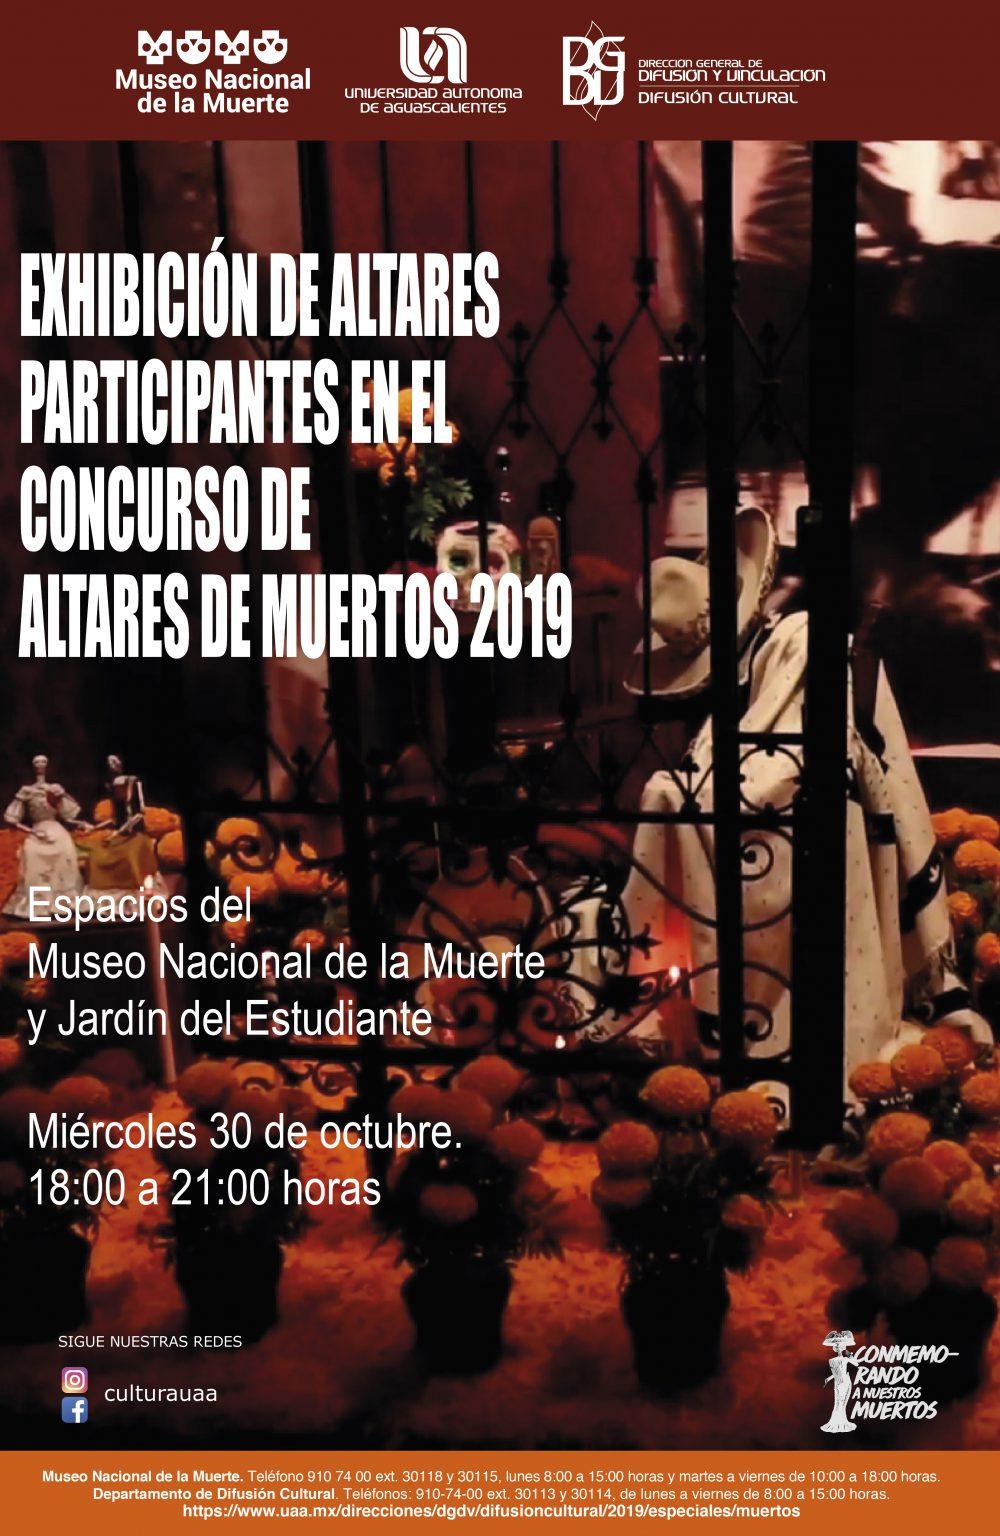 Exhibición Altares de Muertos